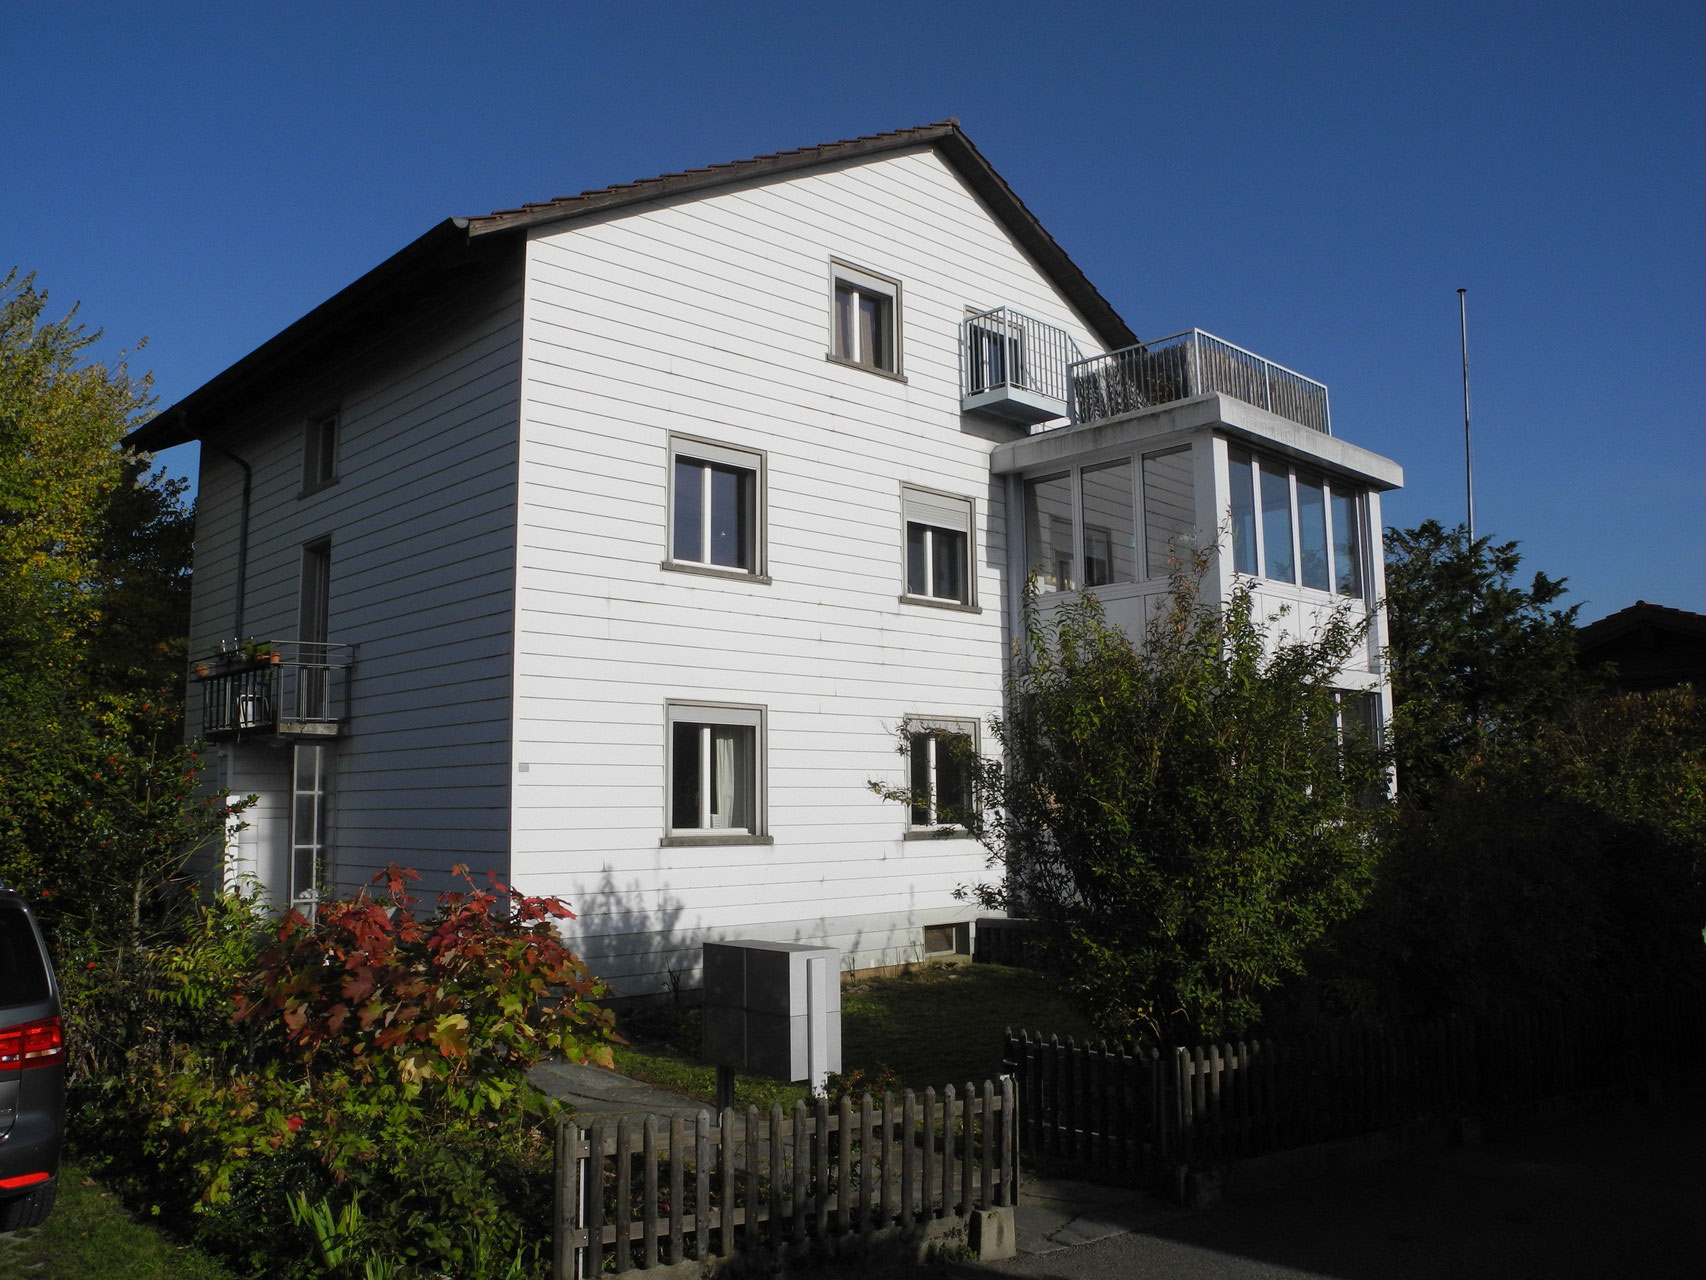 Feldbrunnen wohnung mieten immobilien kanton solothurn for Immobilien wohnung mieten